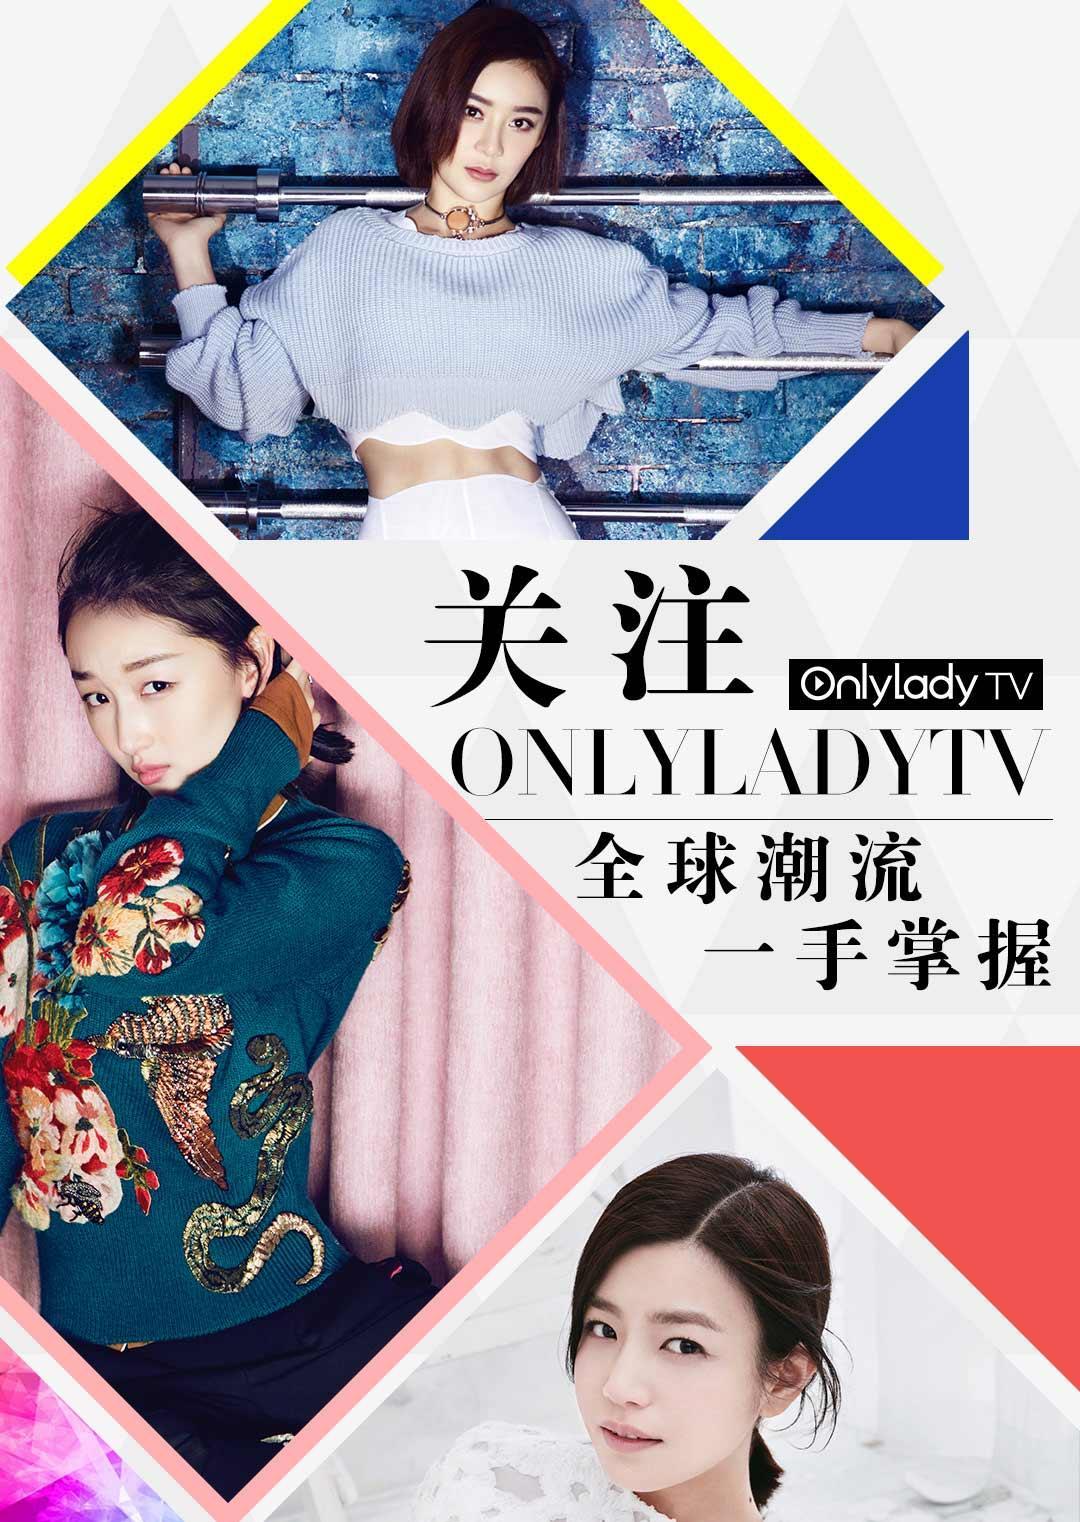 Onlylady女人志 2017